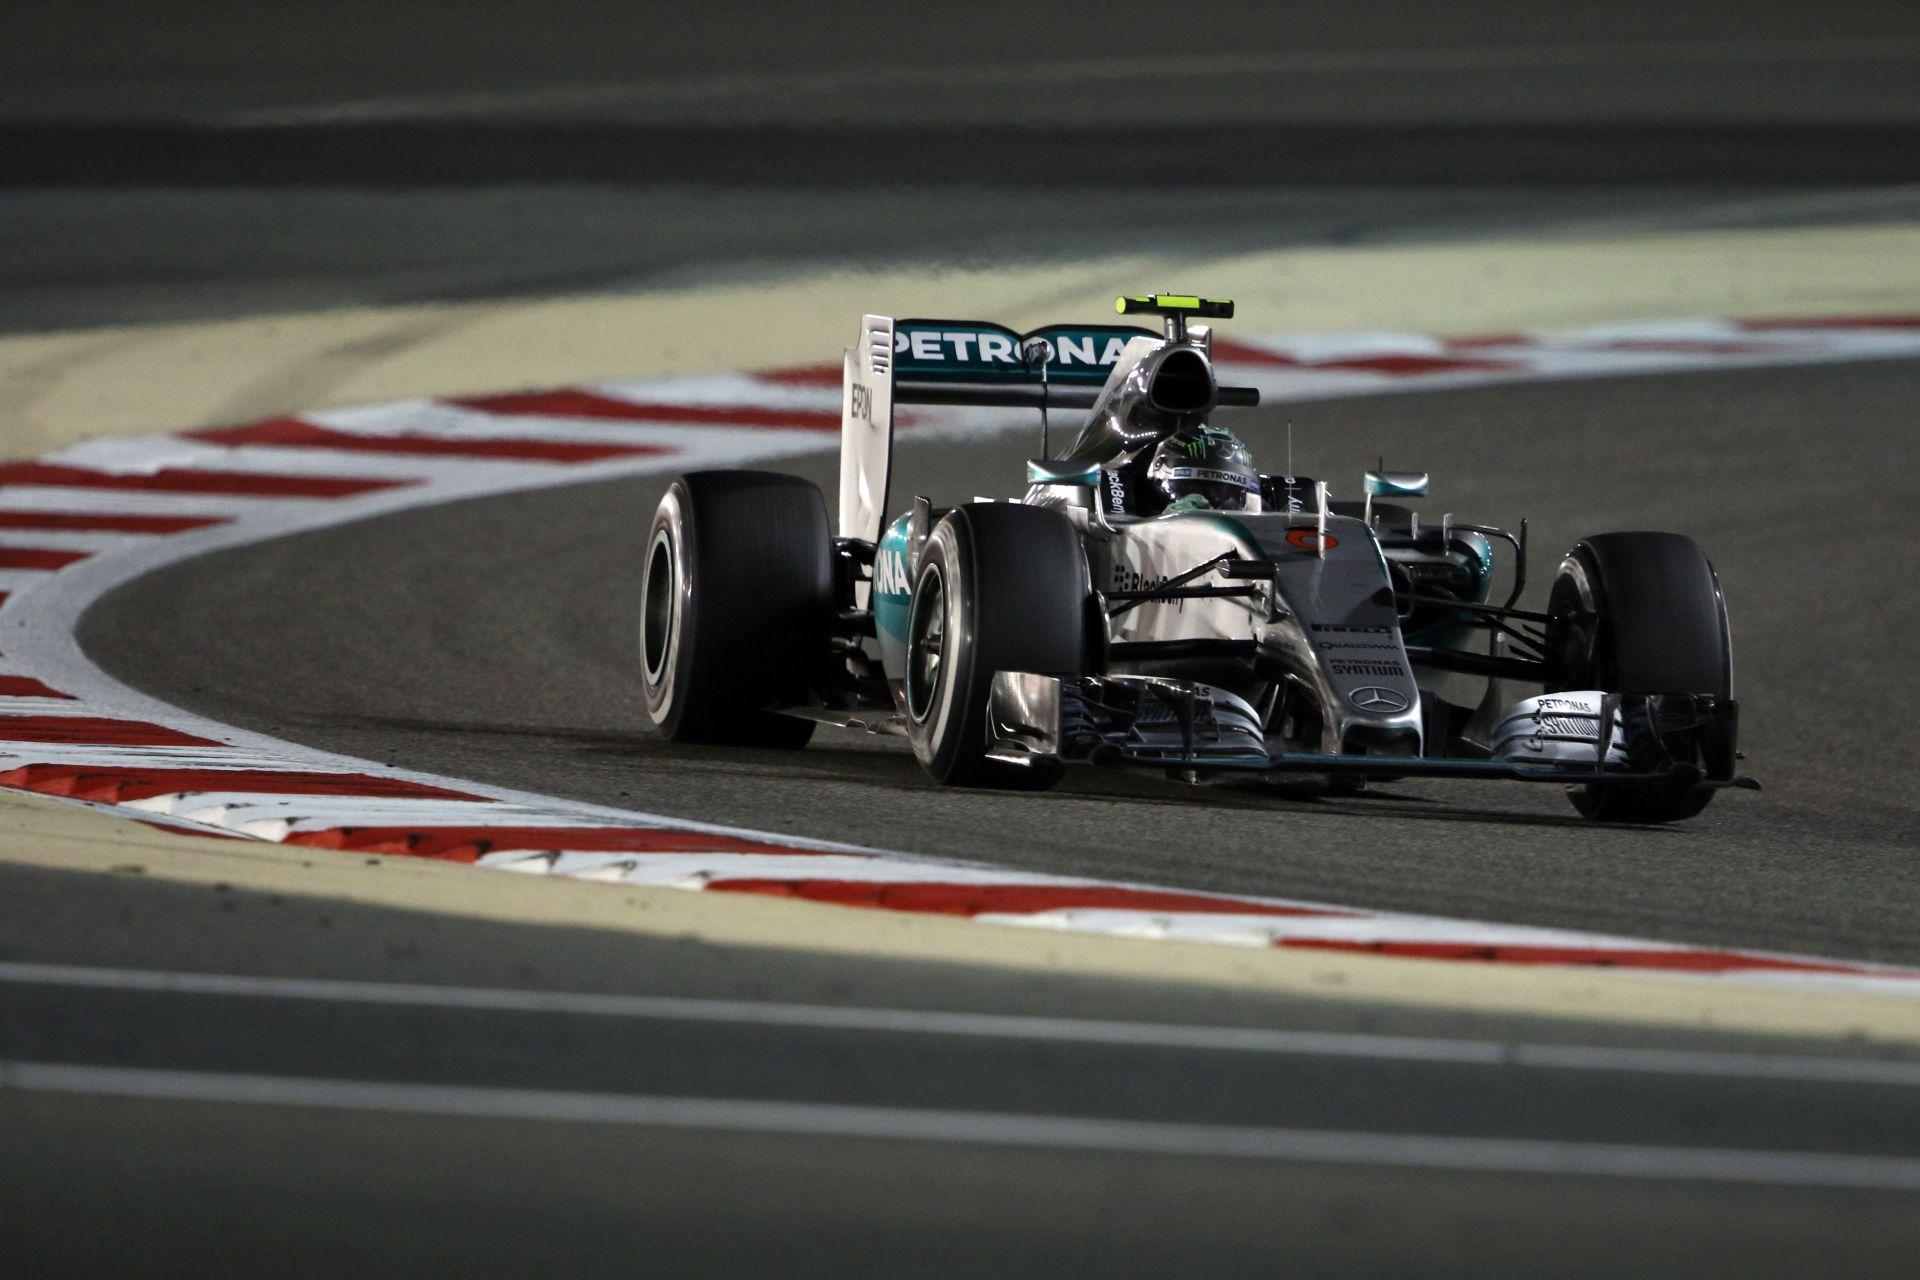 A Mercedes csak a szezon második felében veti be a megmaradt zsetonjait